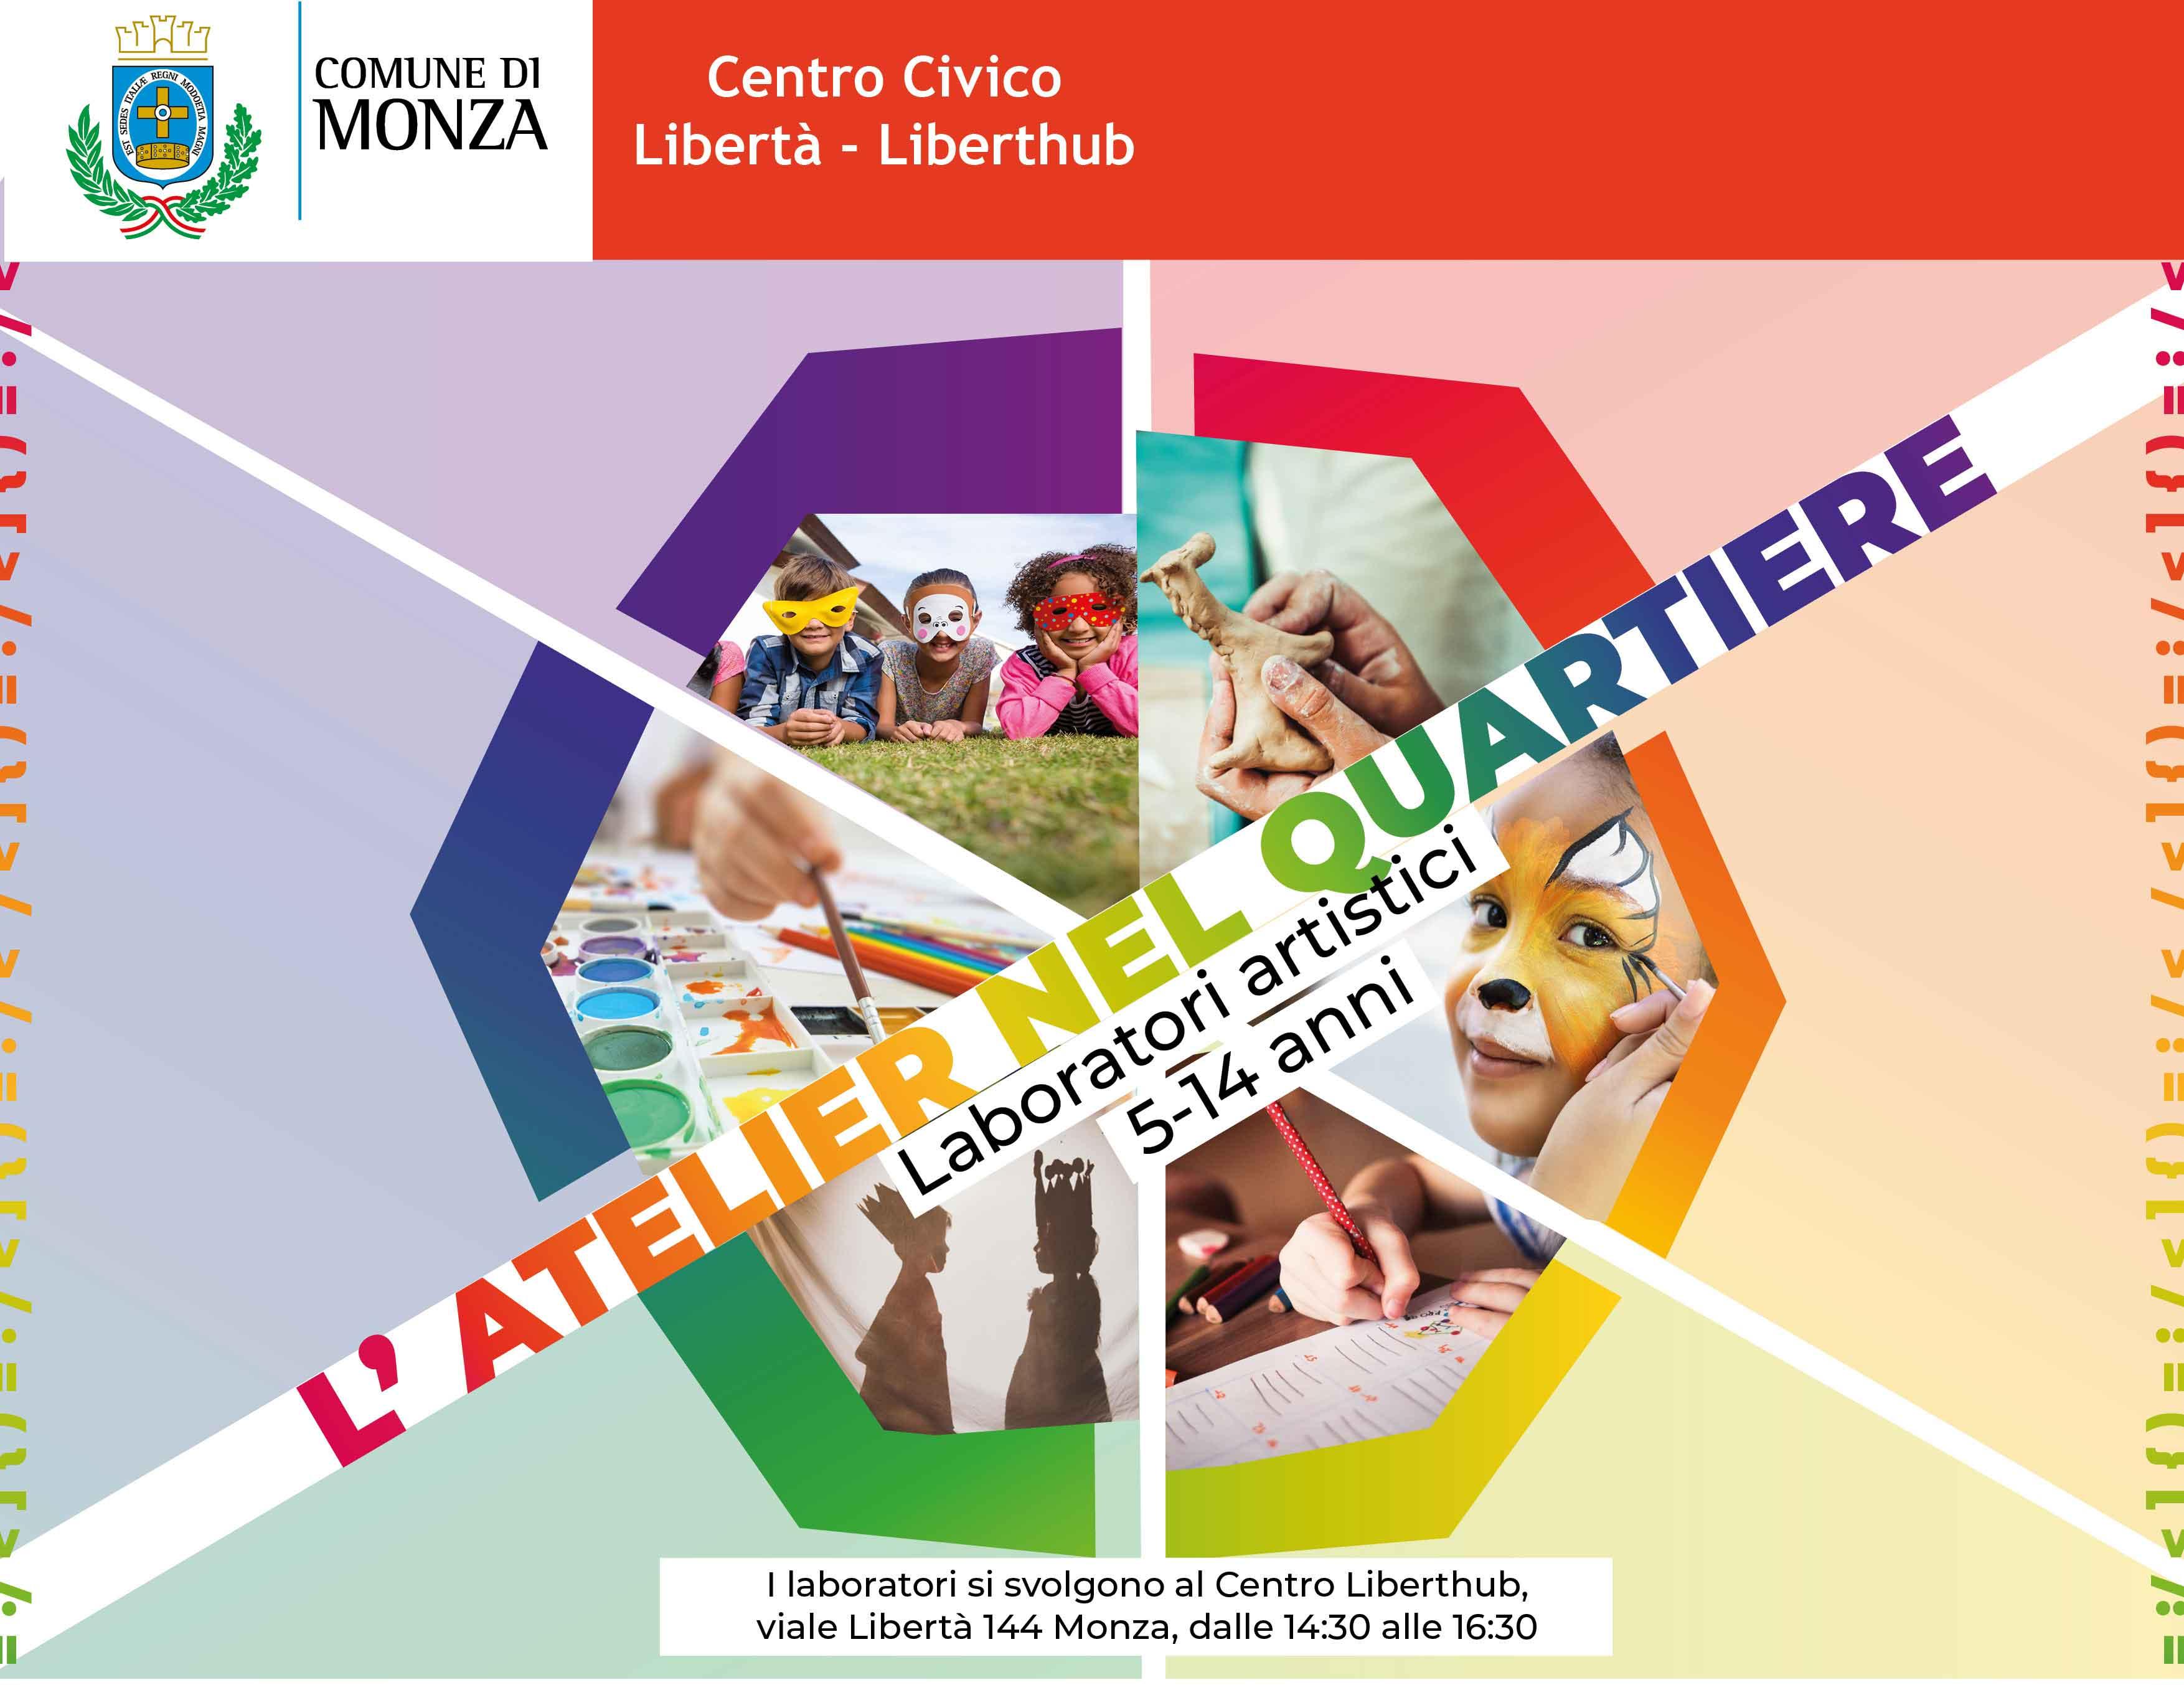 A Monza arriva l'ATELIER NEL QUARTIERE: laboratori artistici gratuiti per bambini e ragazzi!